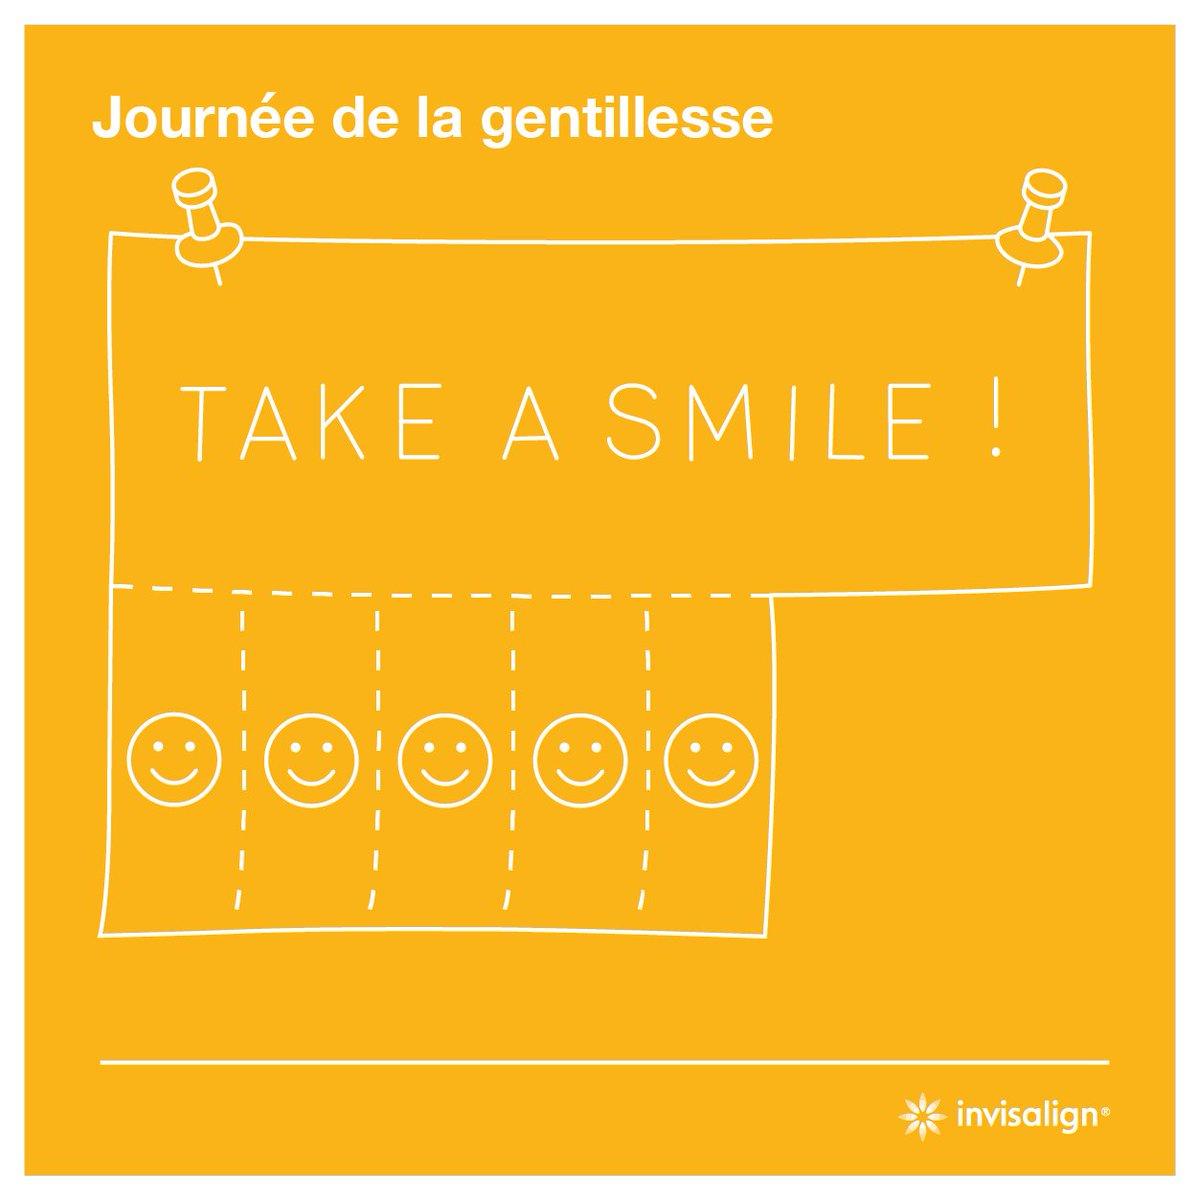 Journée de la gentillesse : servez-vous ! :) #Invisalign #smile #aligners #bonheur #happiness #kindness #sourire #altruisme #grateful https://t.co/id3stBd235